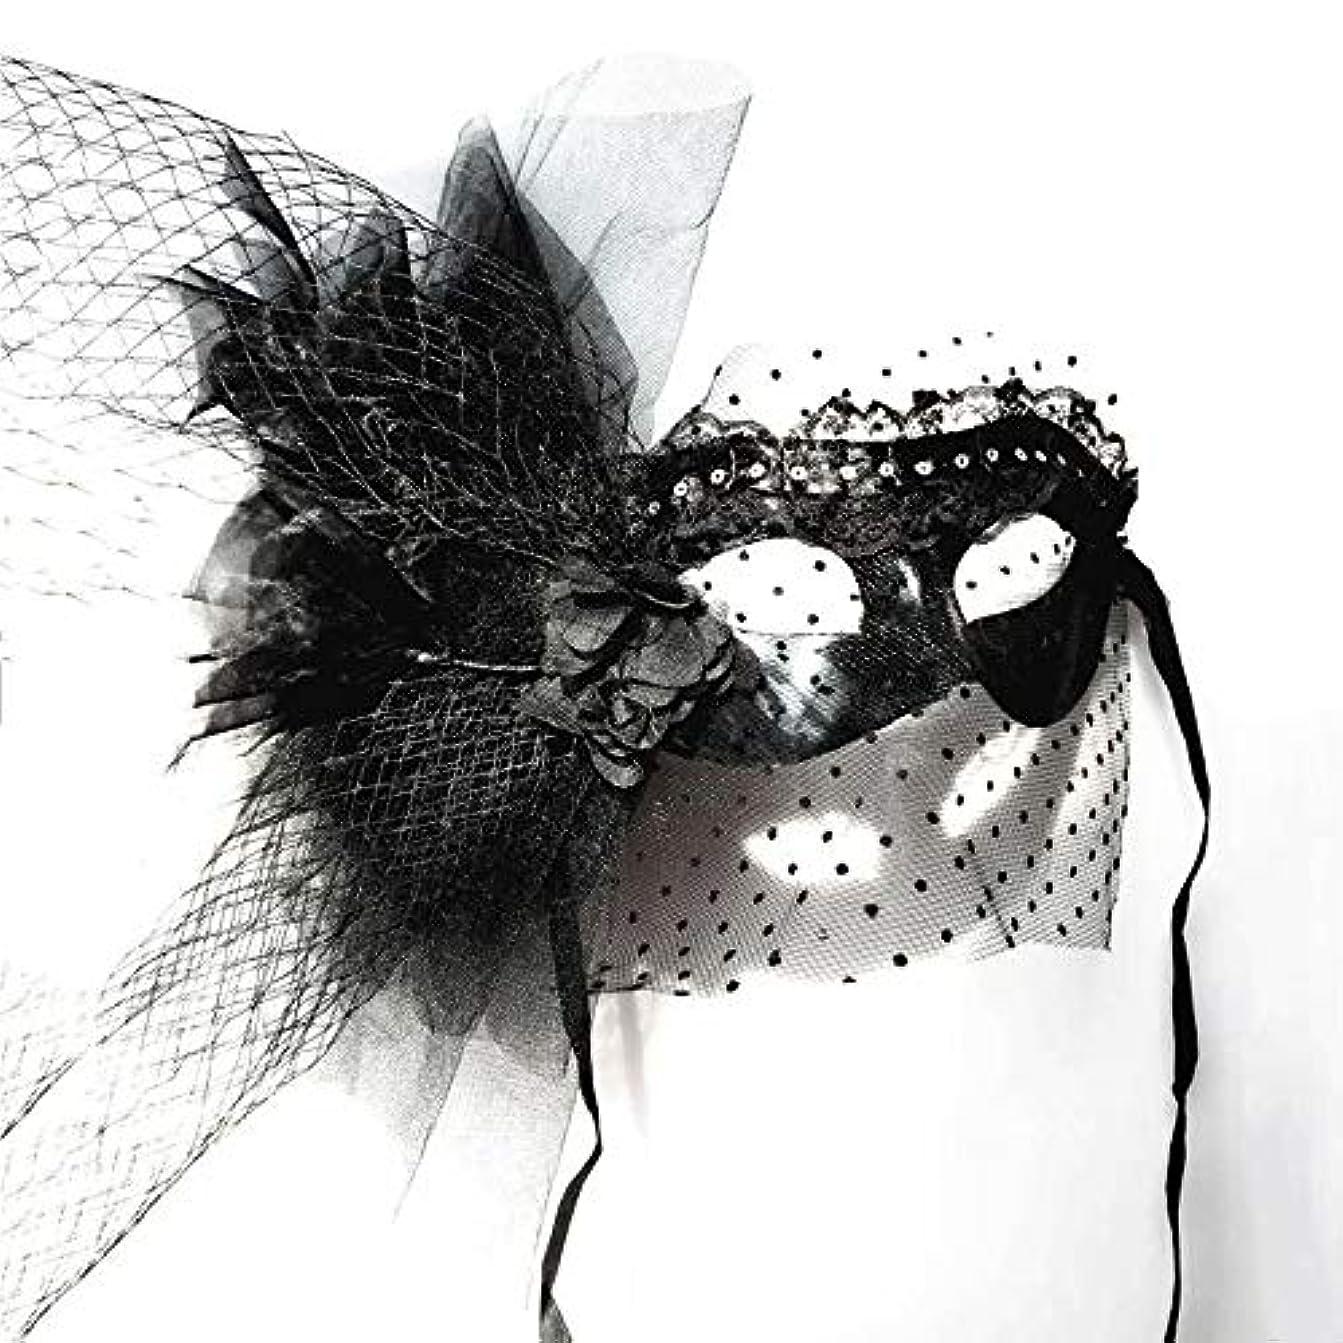 徴収湿った言い直すNanle ハロウィーンラグジュアリーマスカレードマスクブラックスワンレースイブニングパーティVenetian Mardi Gras Party Mask